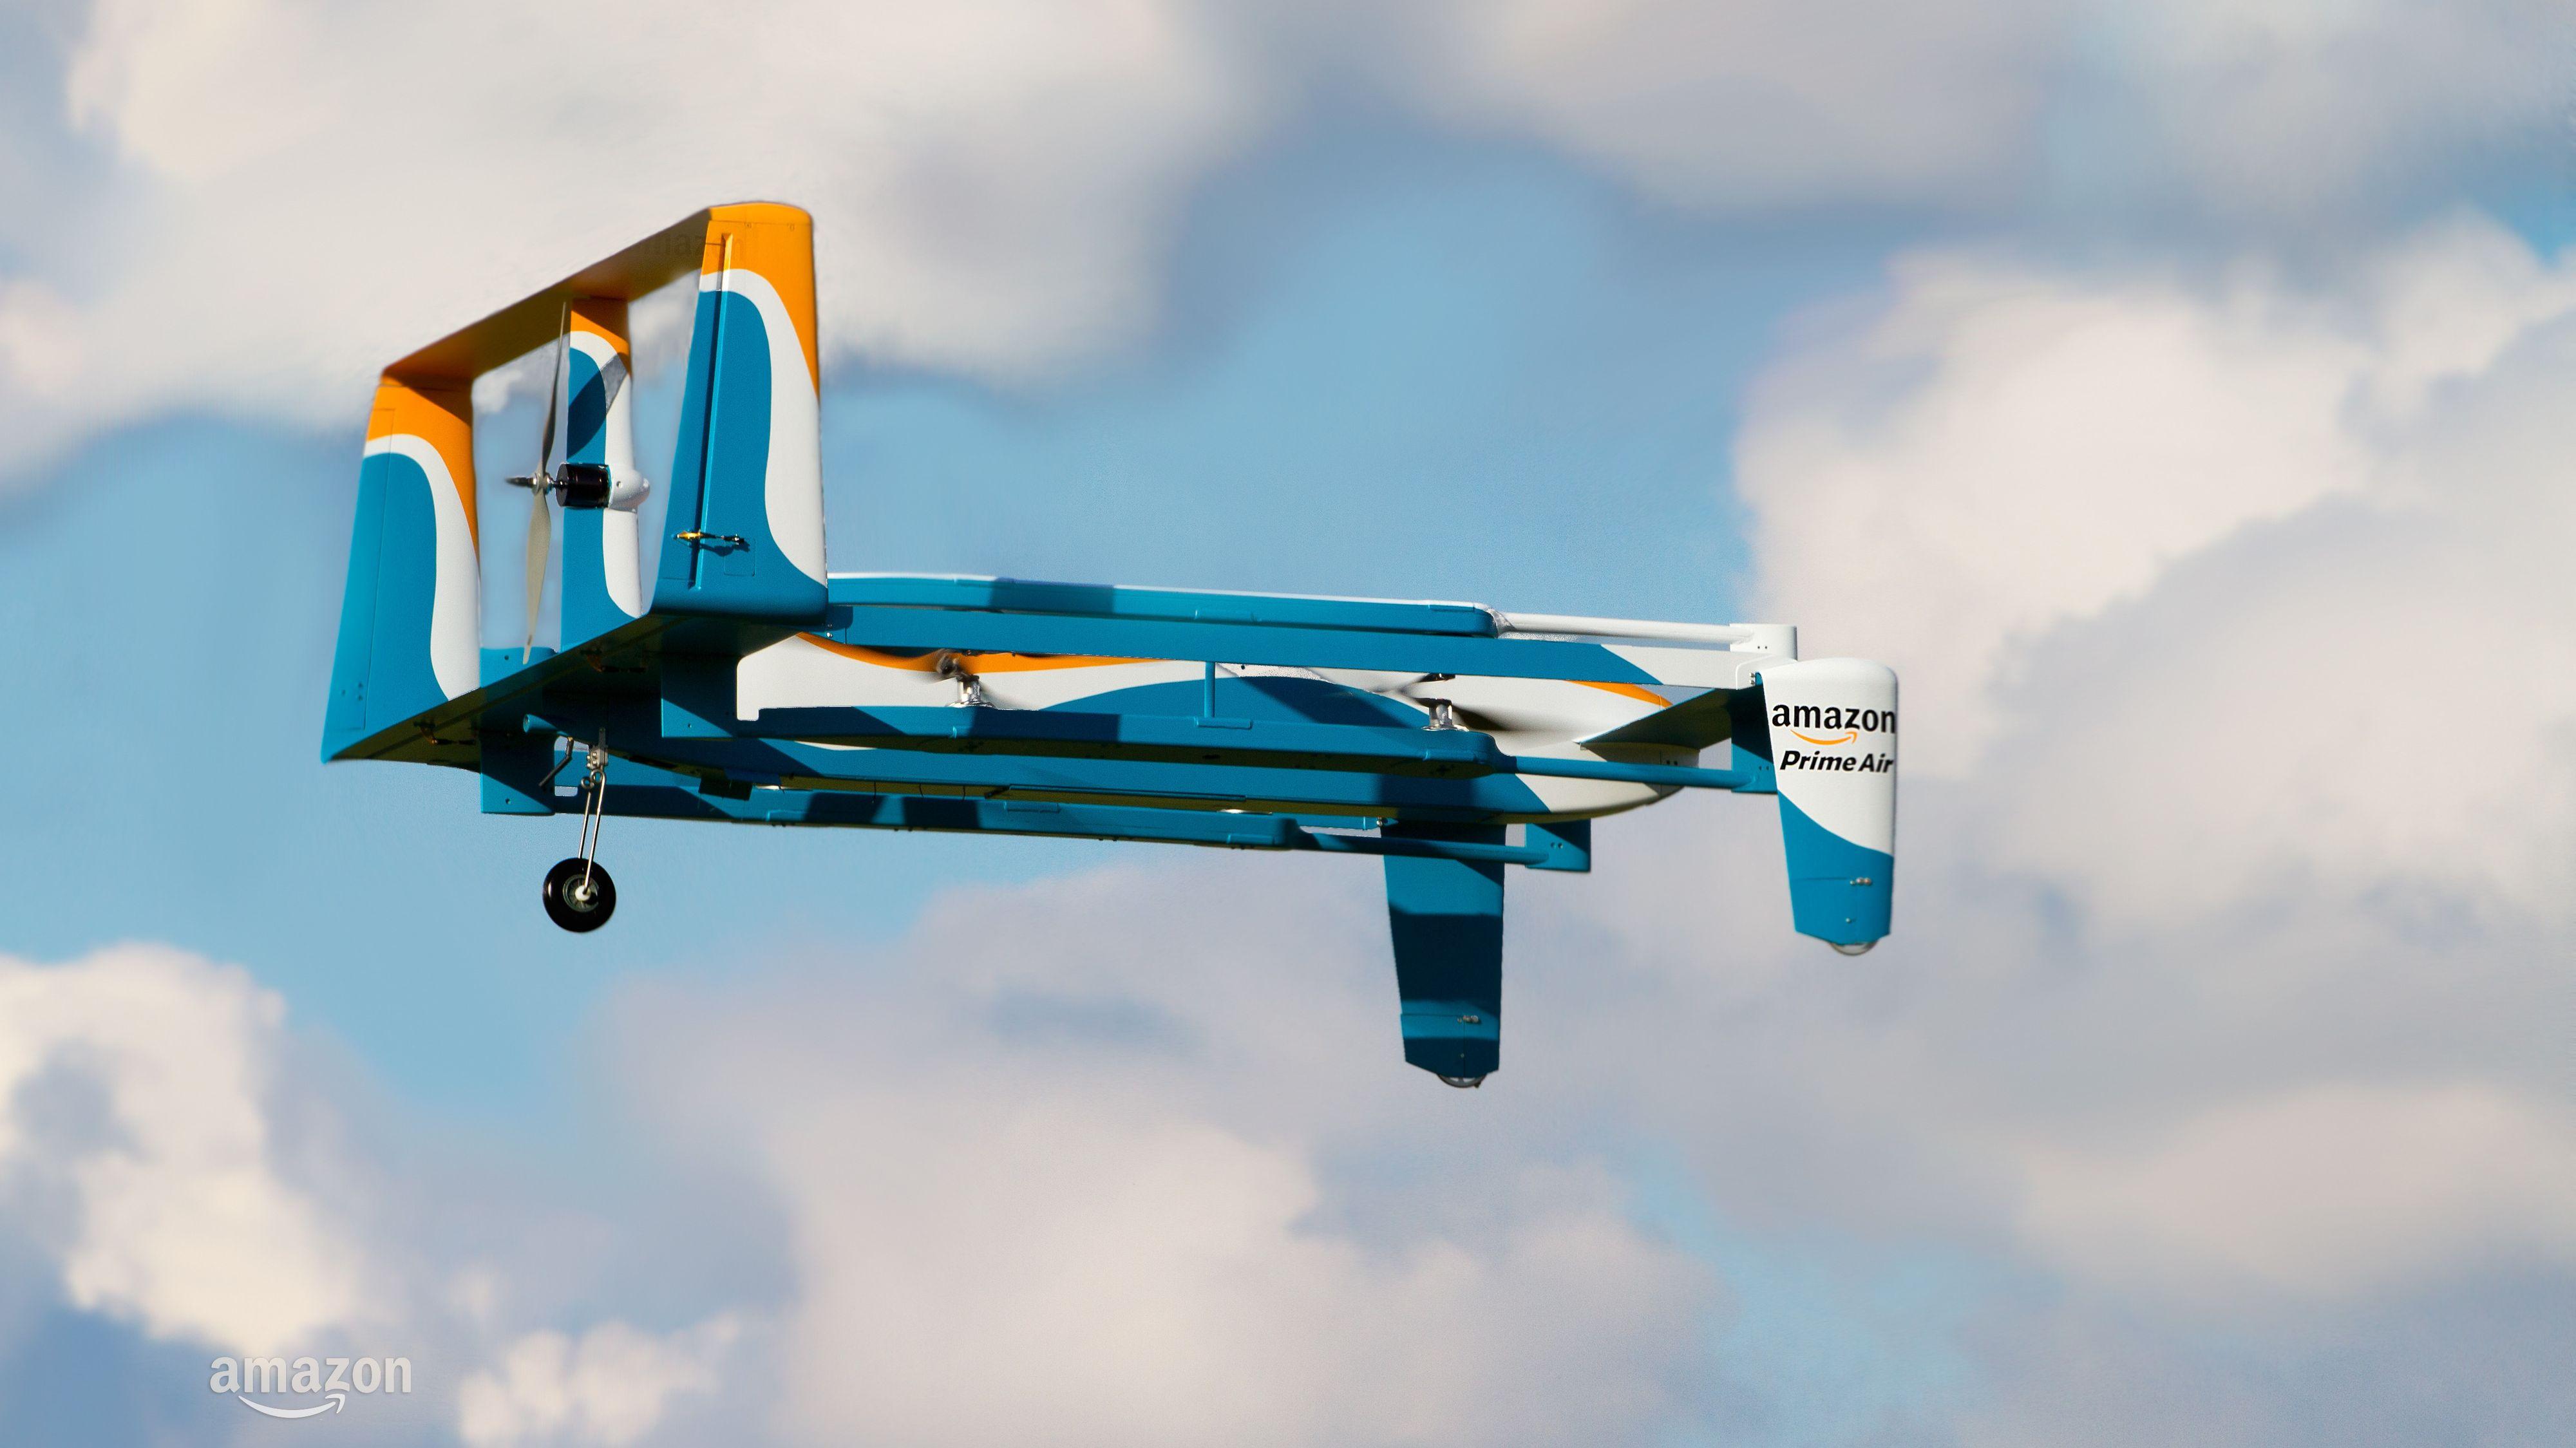 Slik ser Amazons nye leveringsdroner ut.